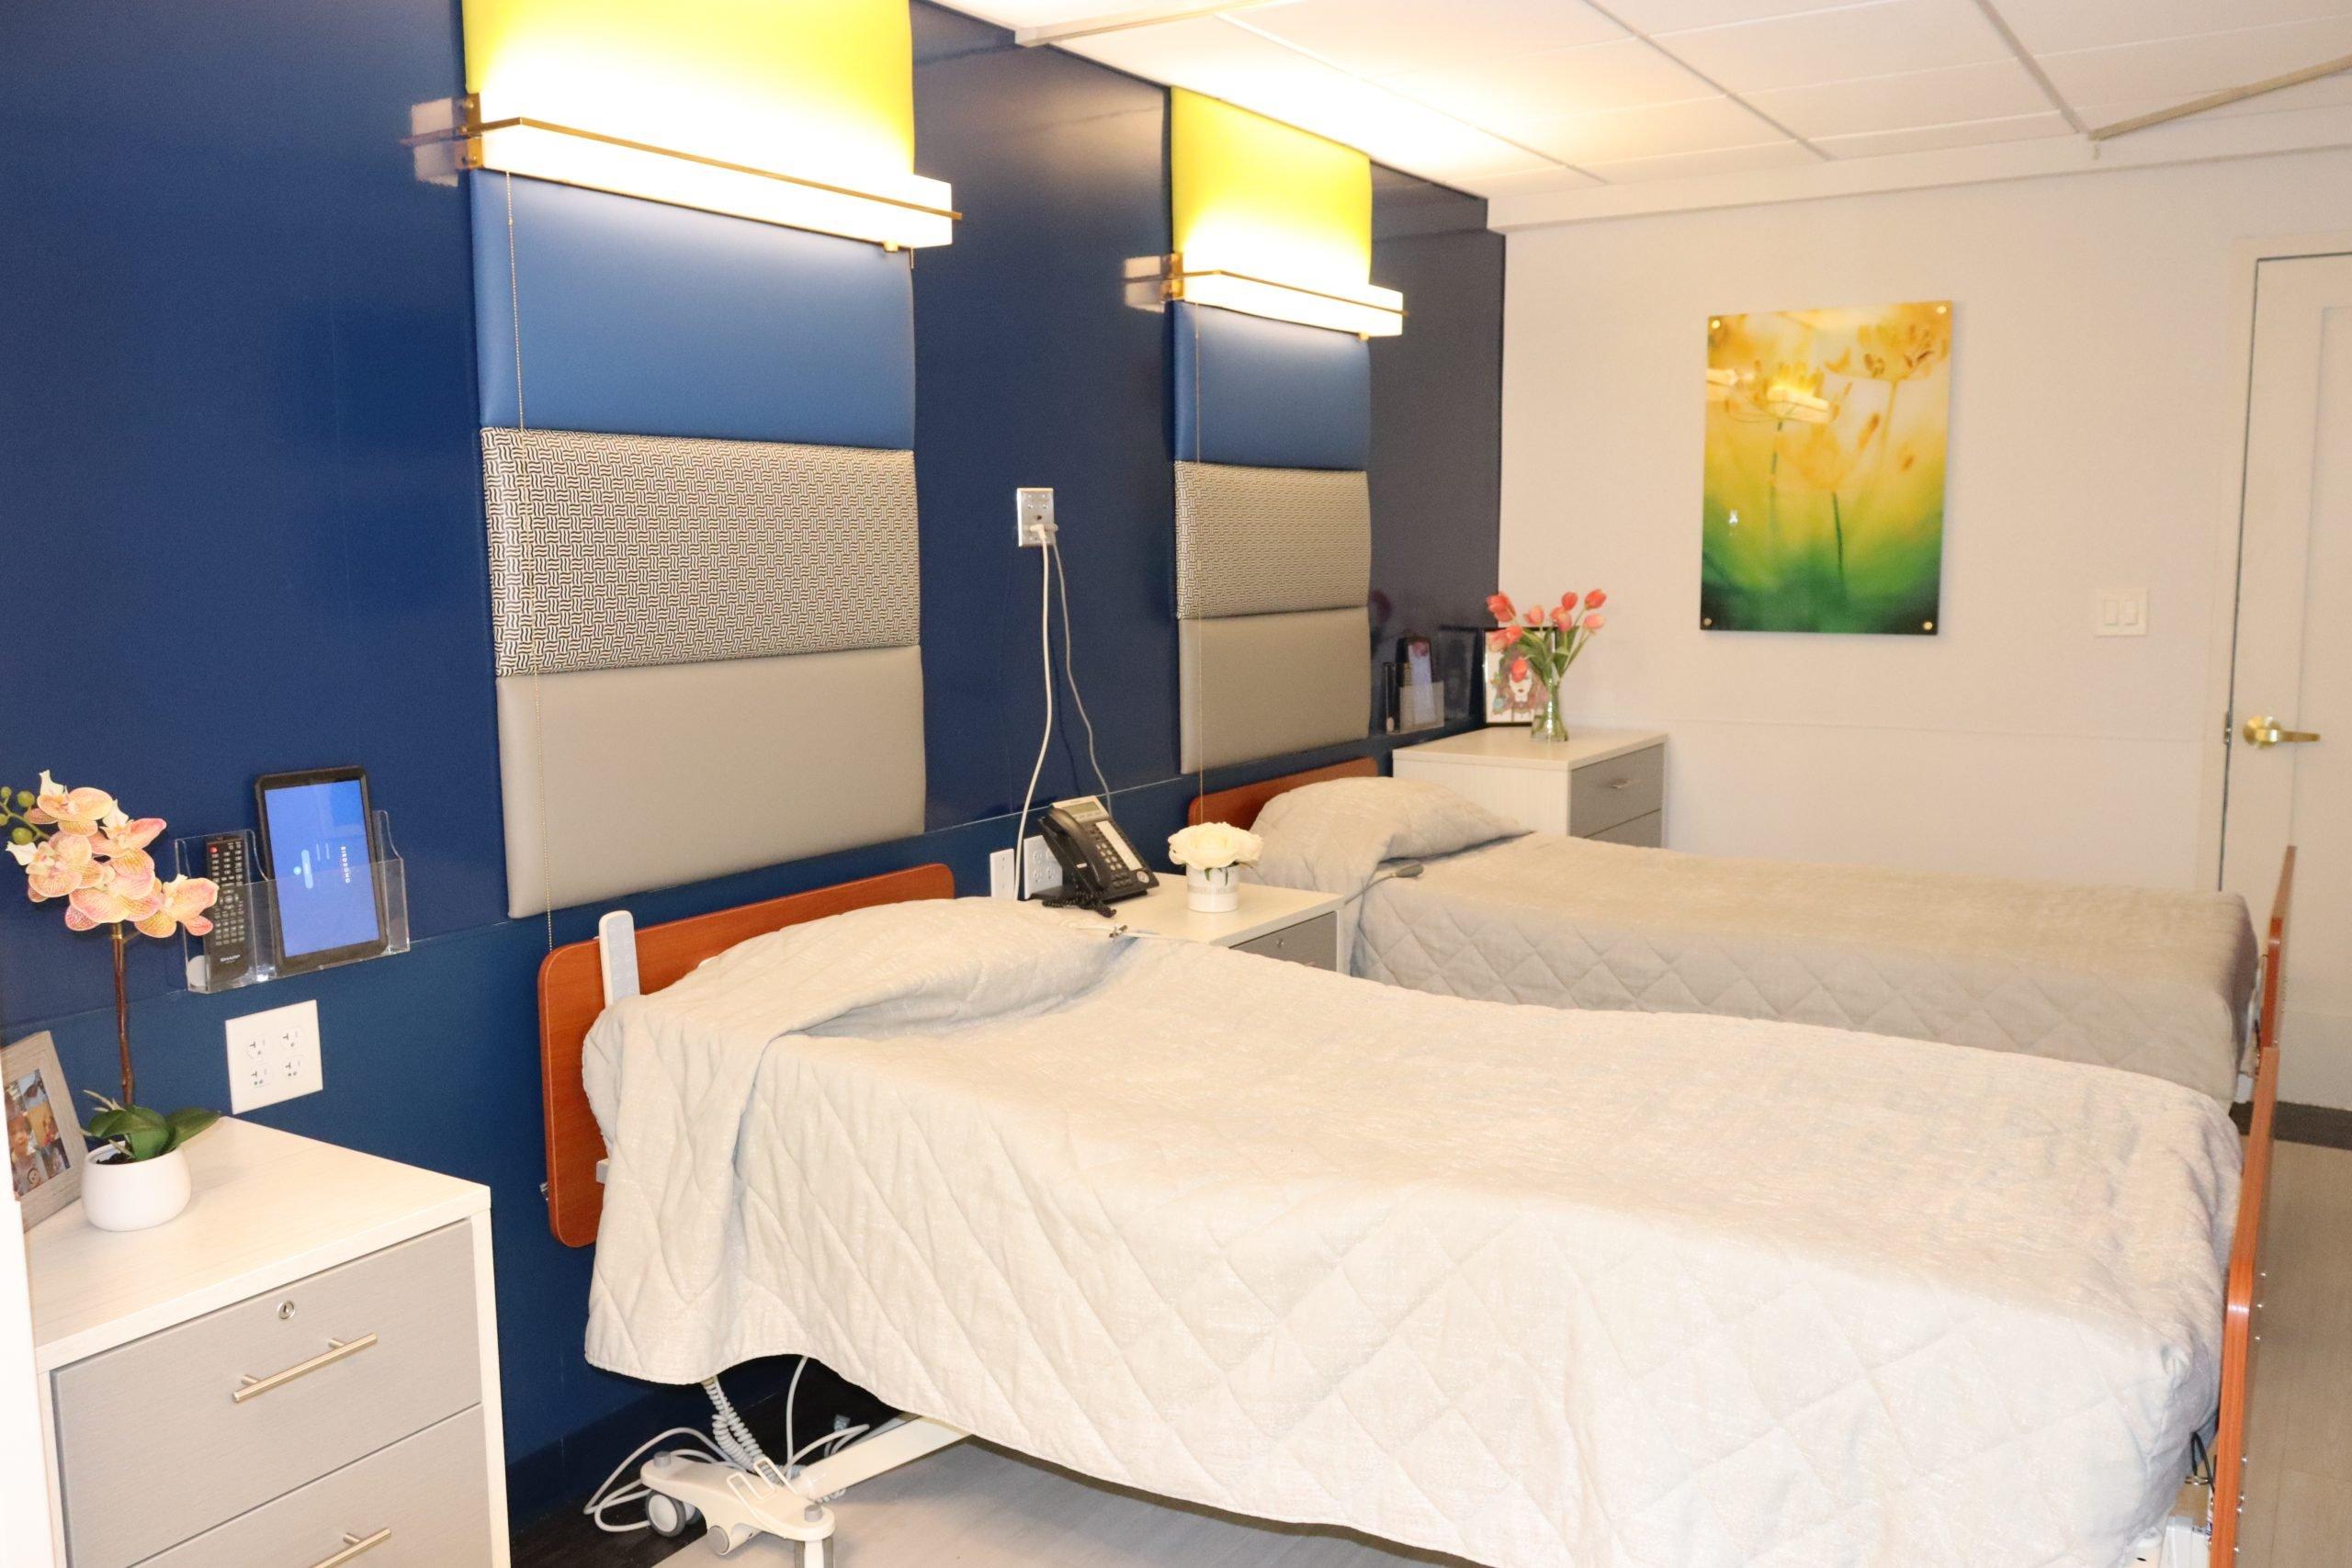 Beds in patient room